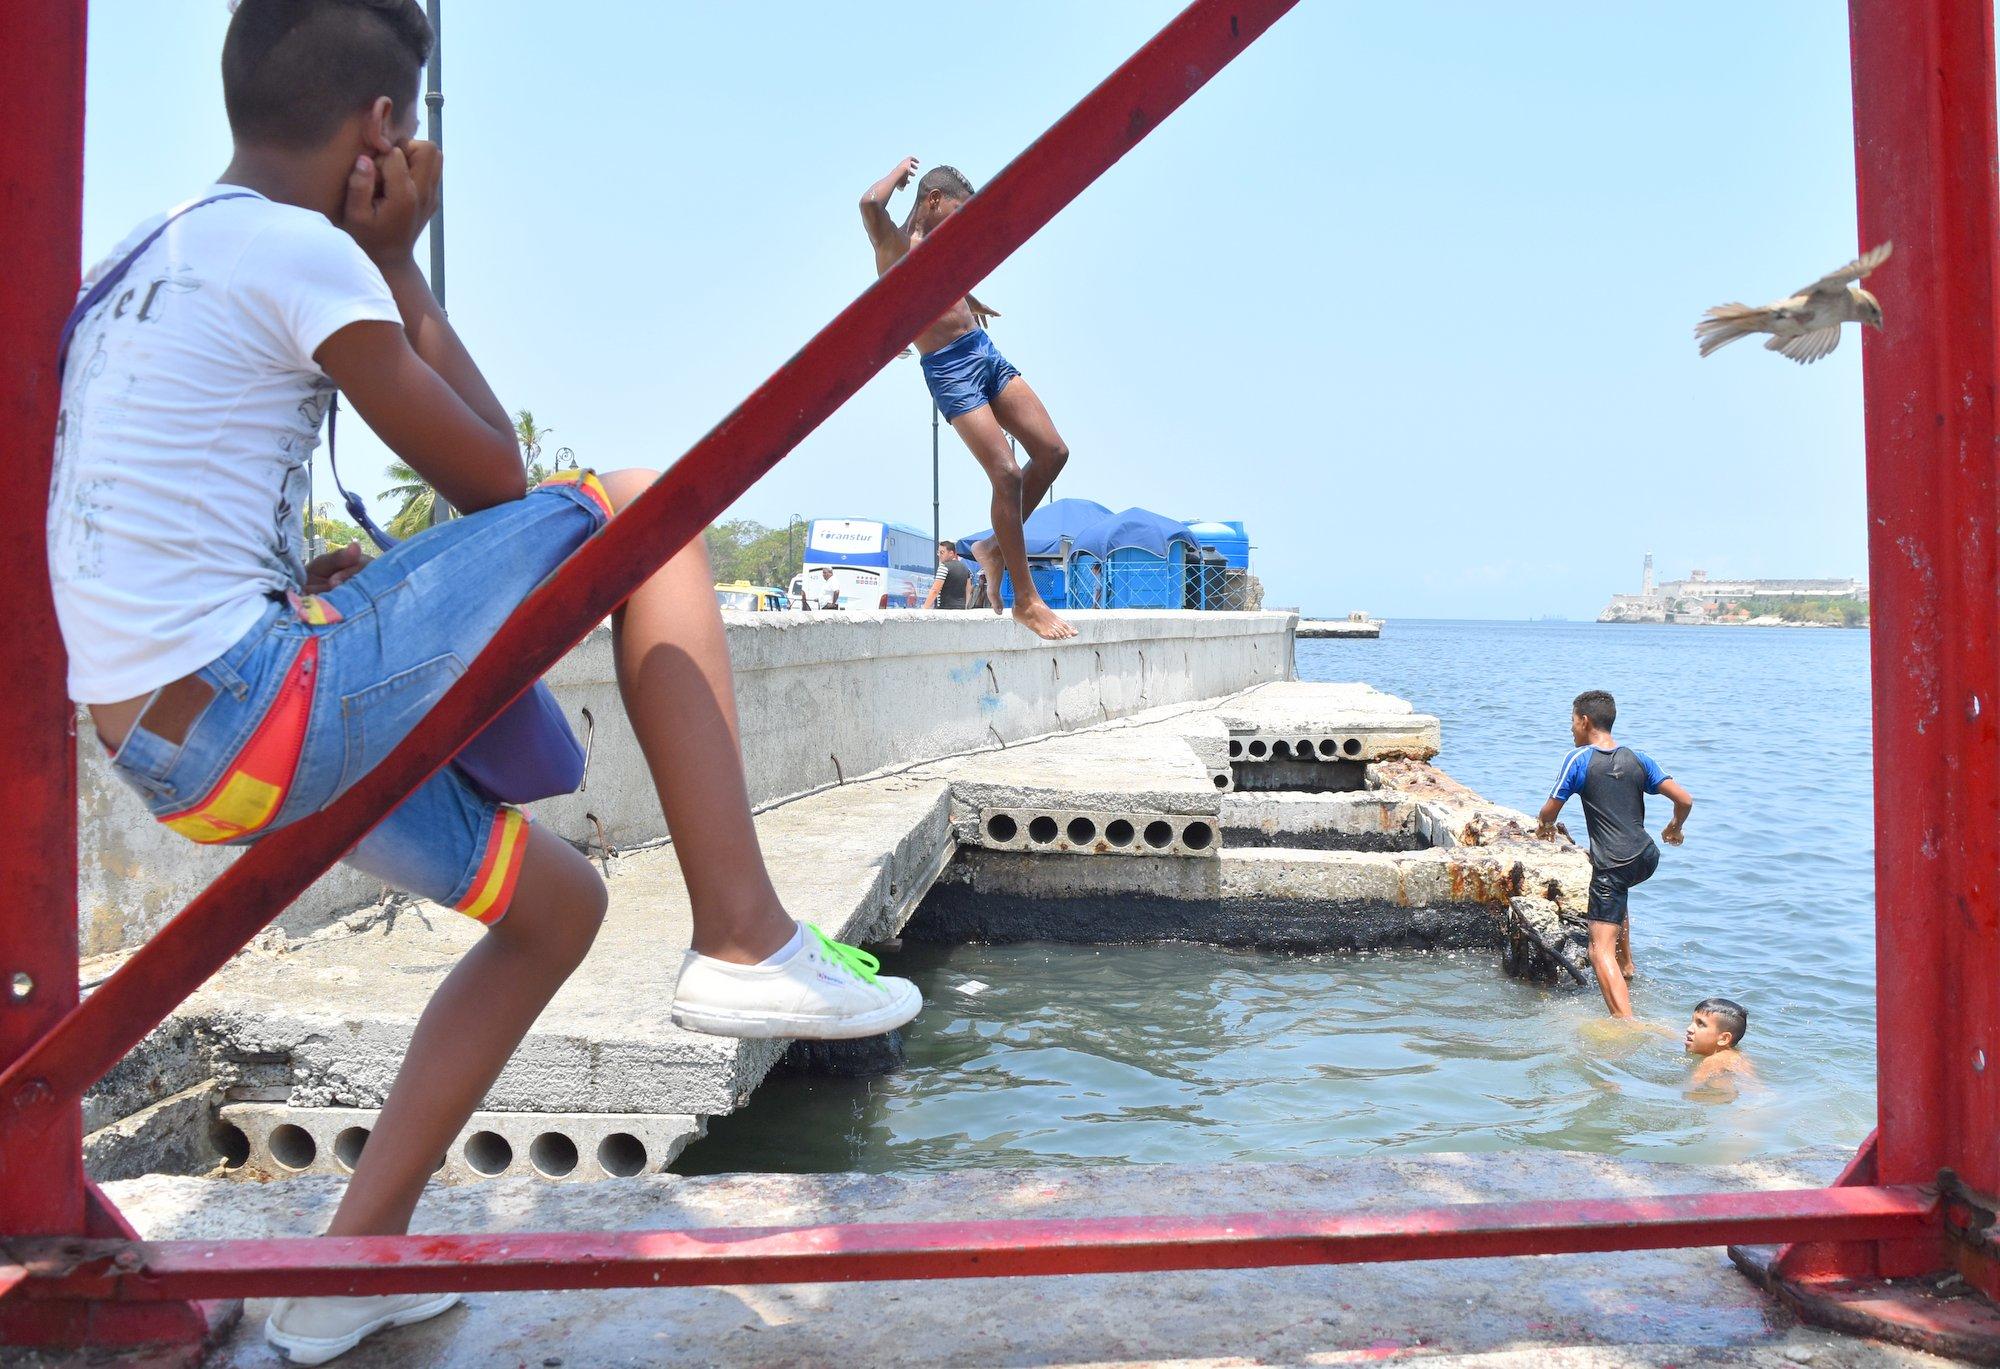 Expos Photos de Cuba de #gilpetipas